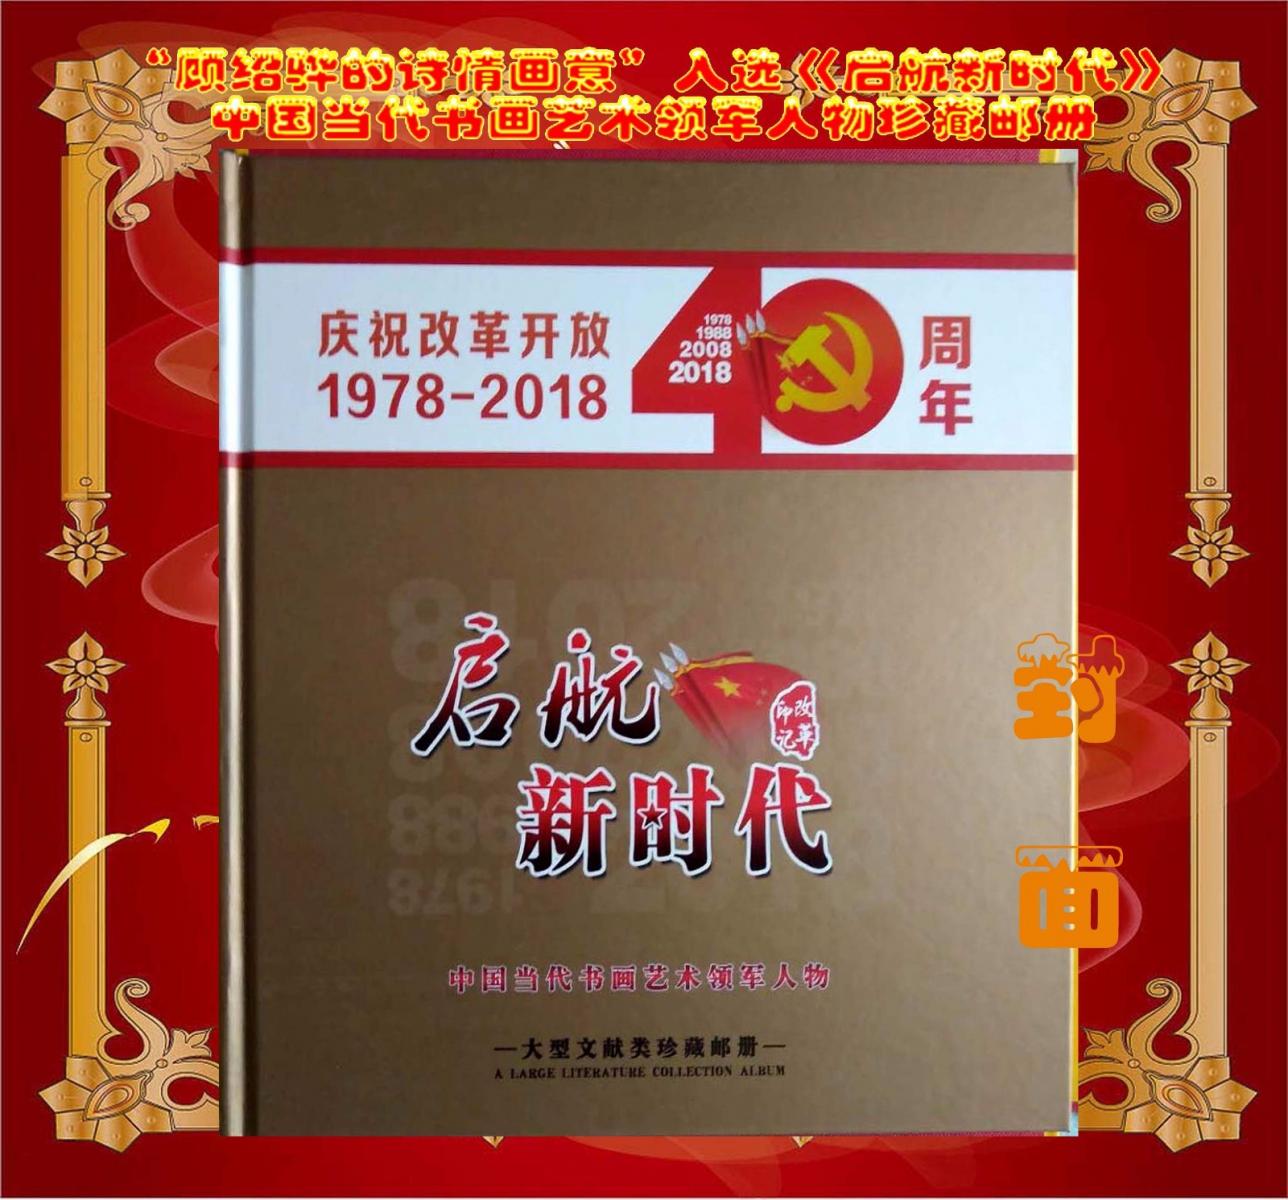 """""""顾绍骅的诗情画意""""入选《启航新时代》中国当代书画艺术领军人物珍藏集邮册 ... ..._图1-2"""